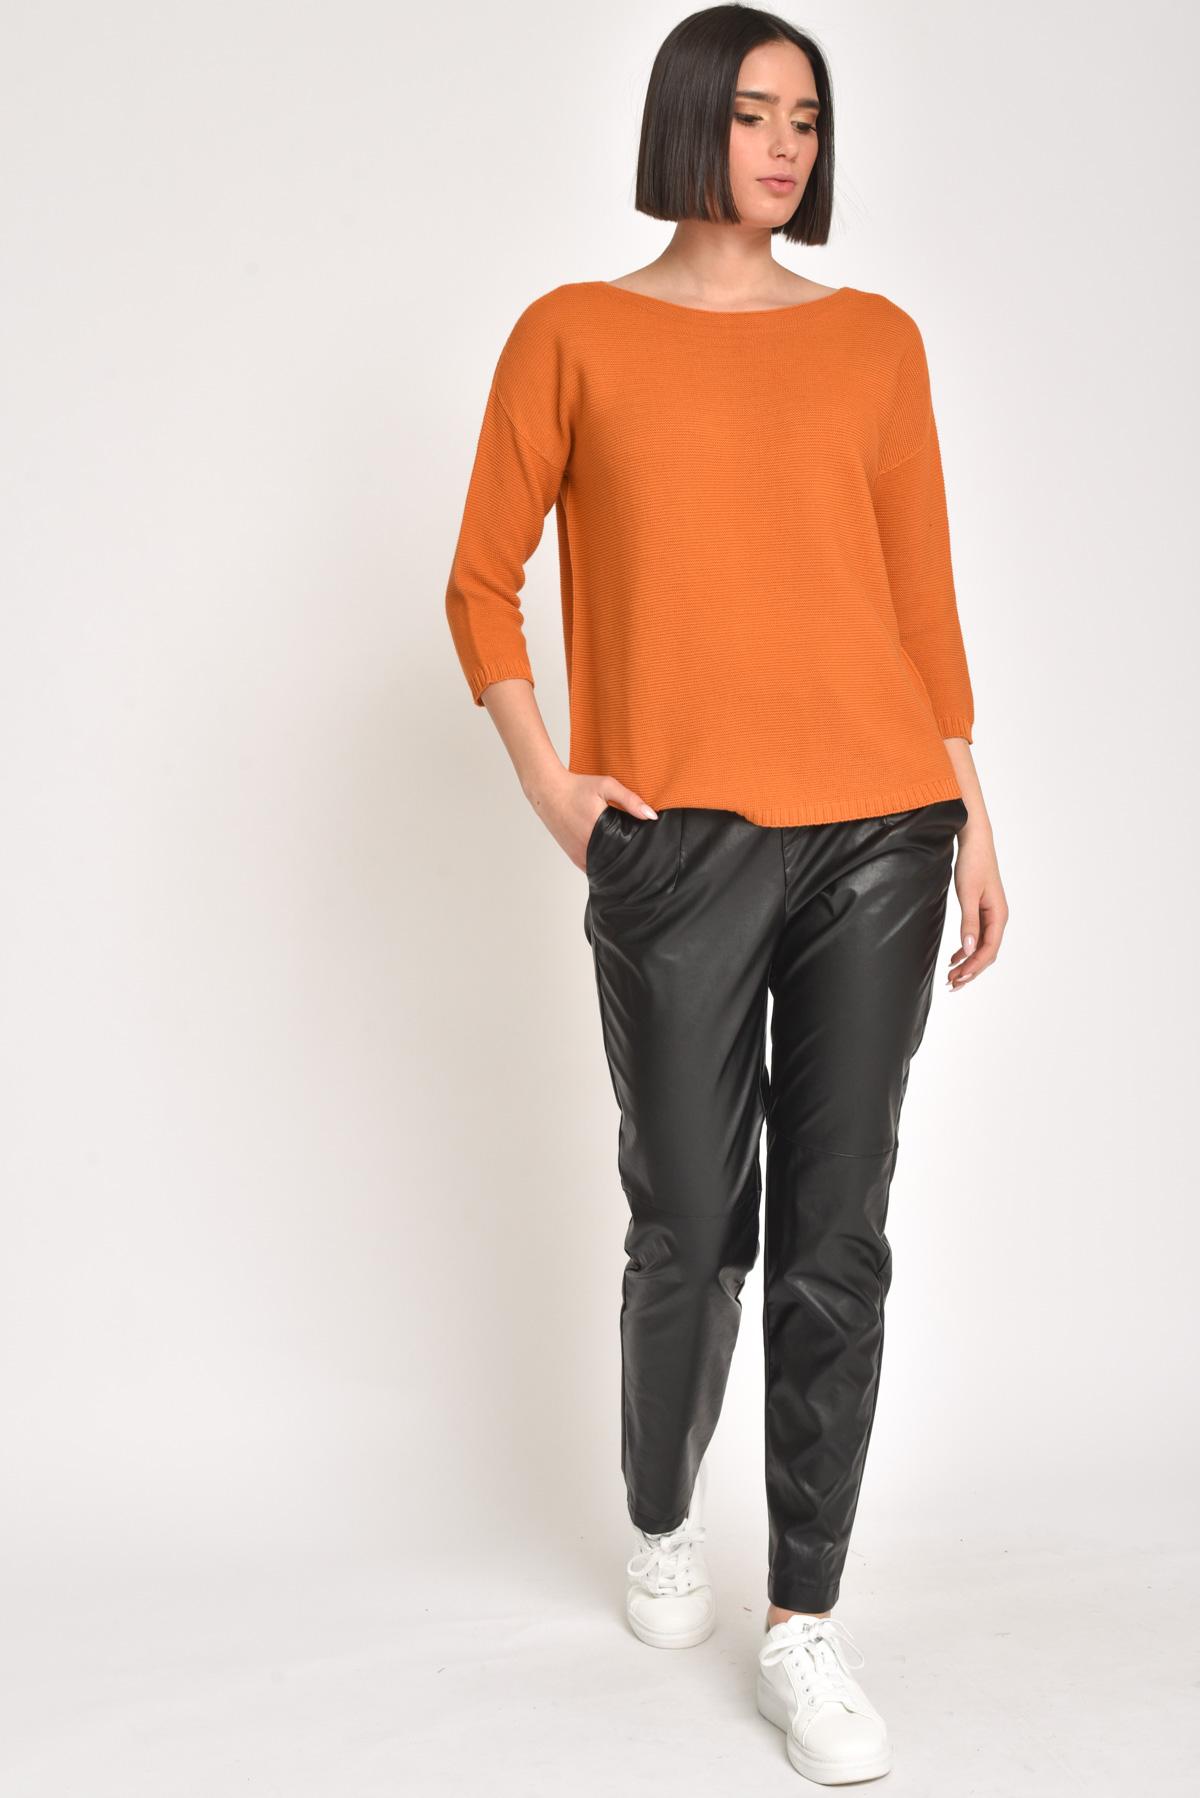 MAGLIA IN LINKS 100% COTONE for women - ARANCIO - Paquito Pronto Moda Shop Online